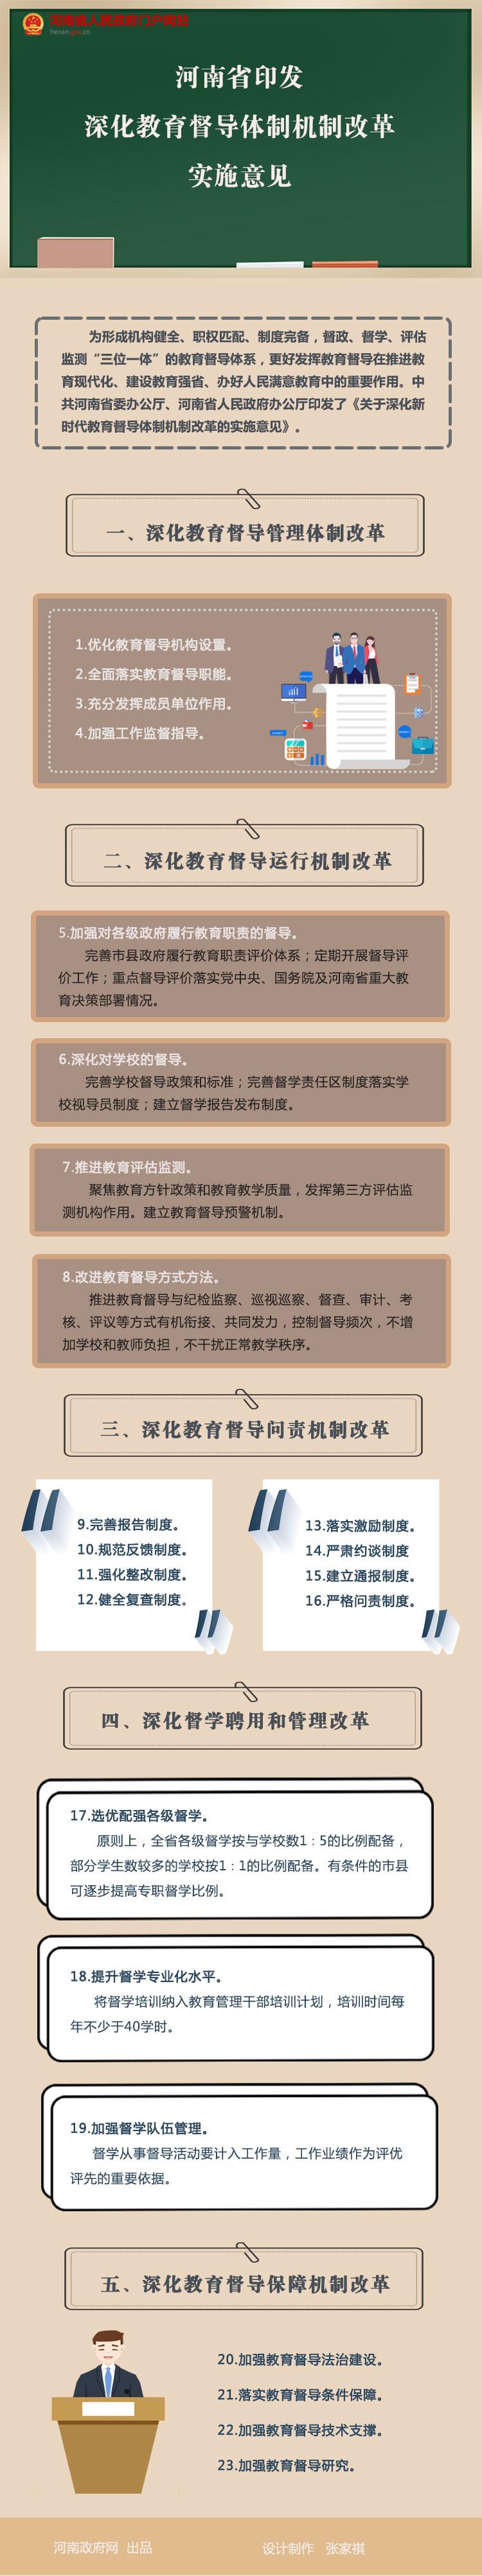 河南省印发 深化教育督导体制机制改革实施意见